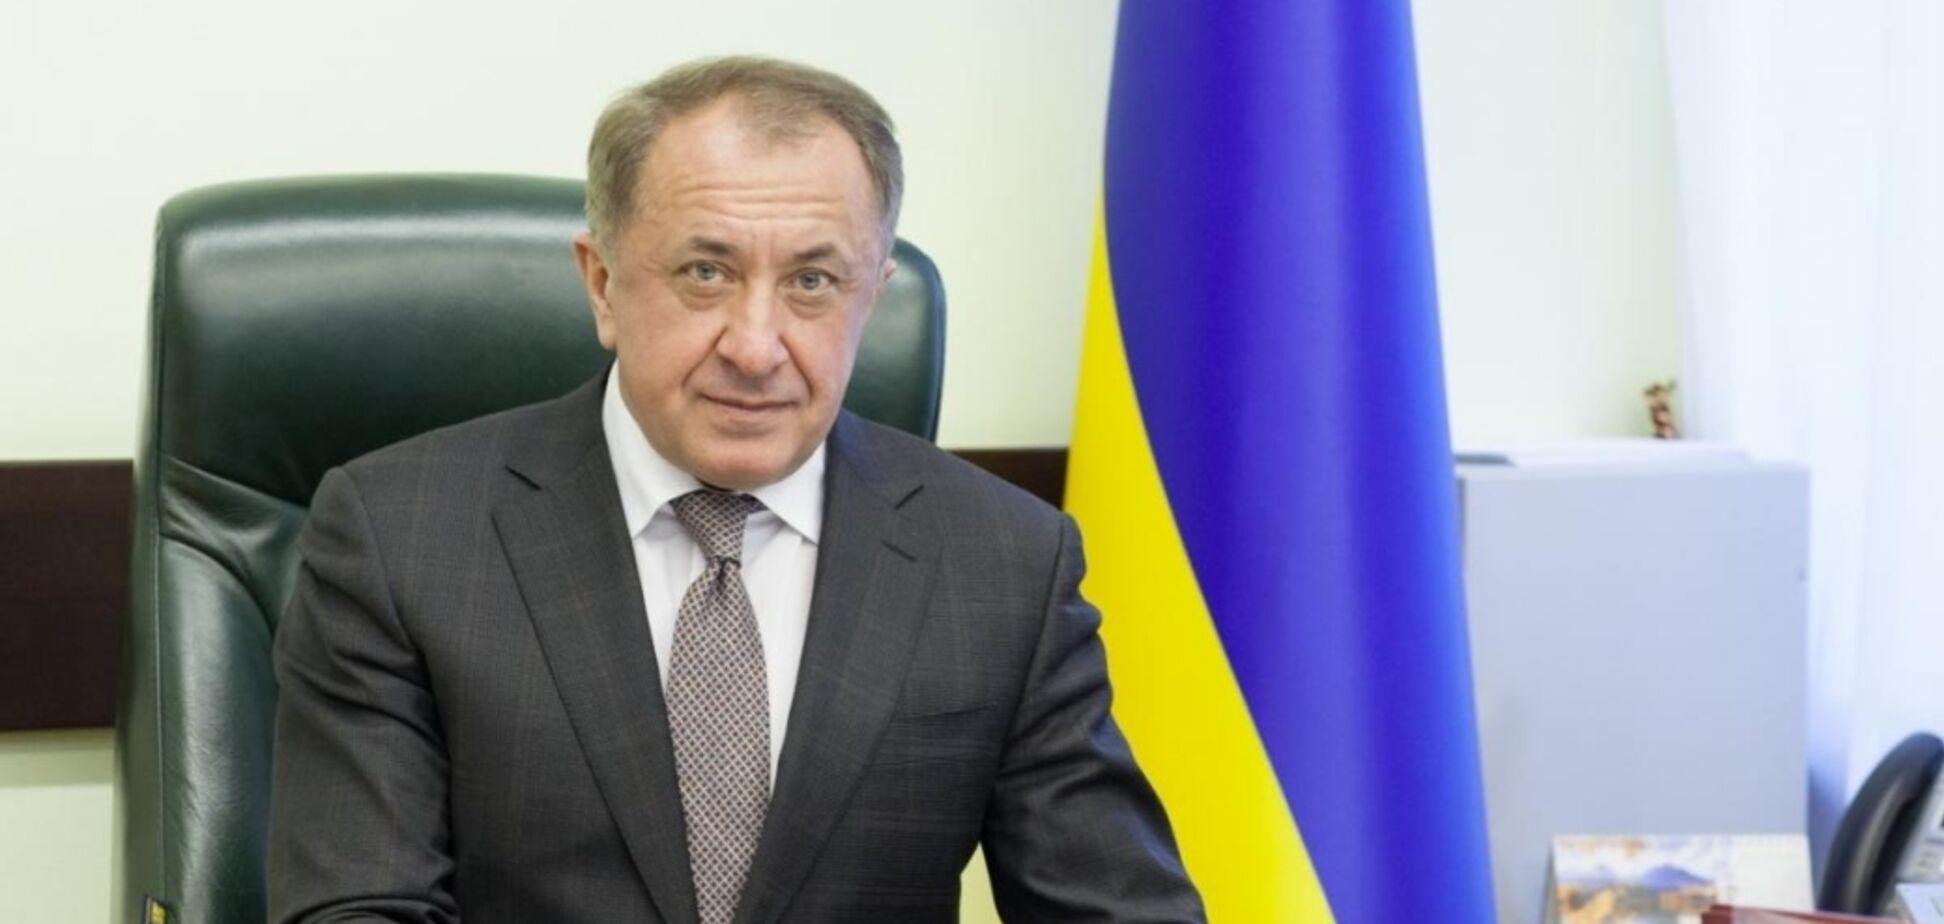 Сворачивание антикризисных программ угрожает восстановлению экономики в Украине, – Данилишин